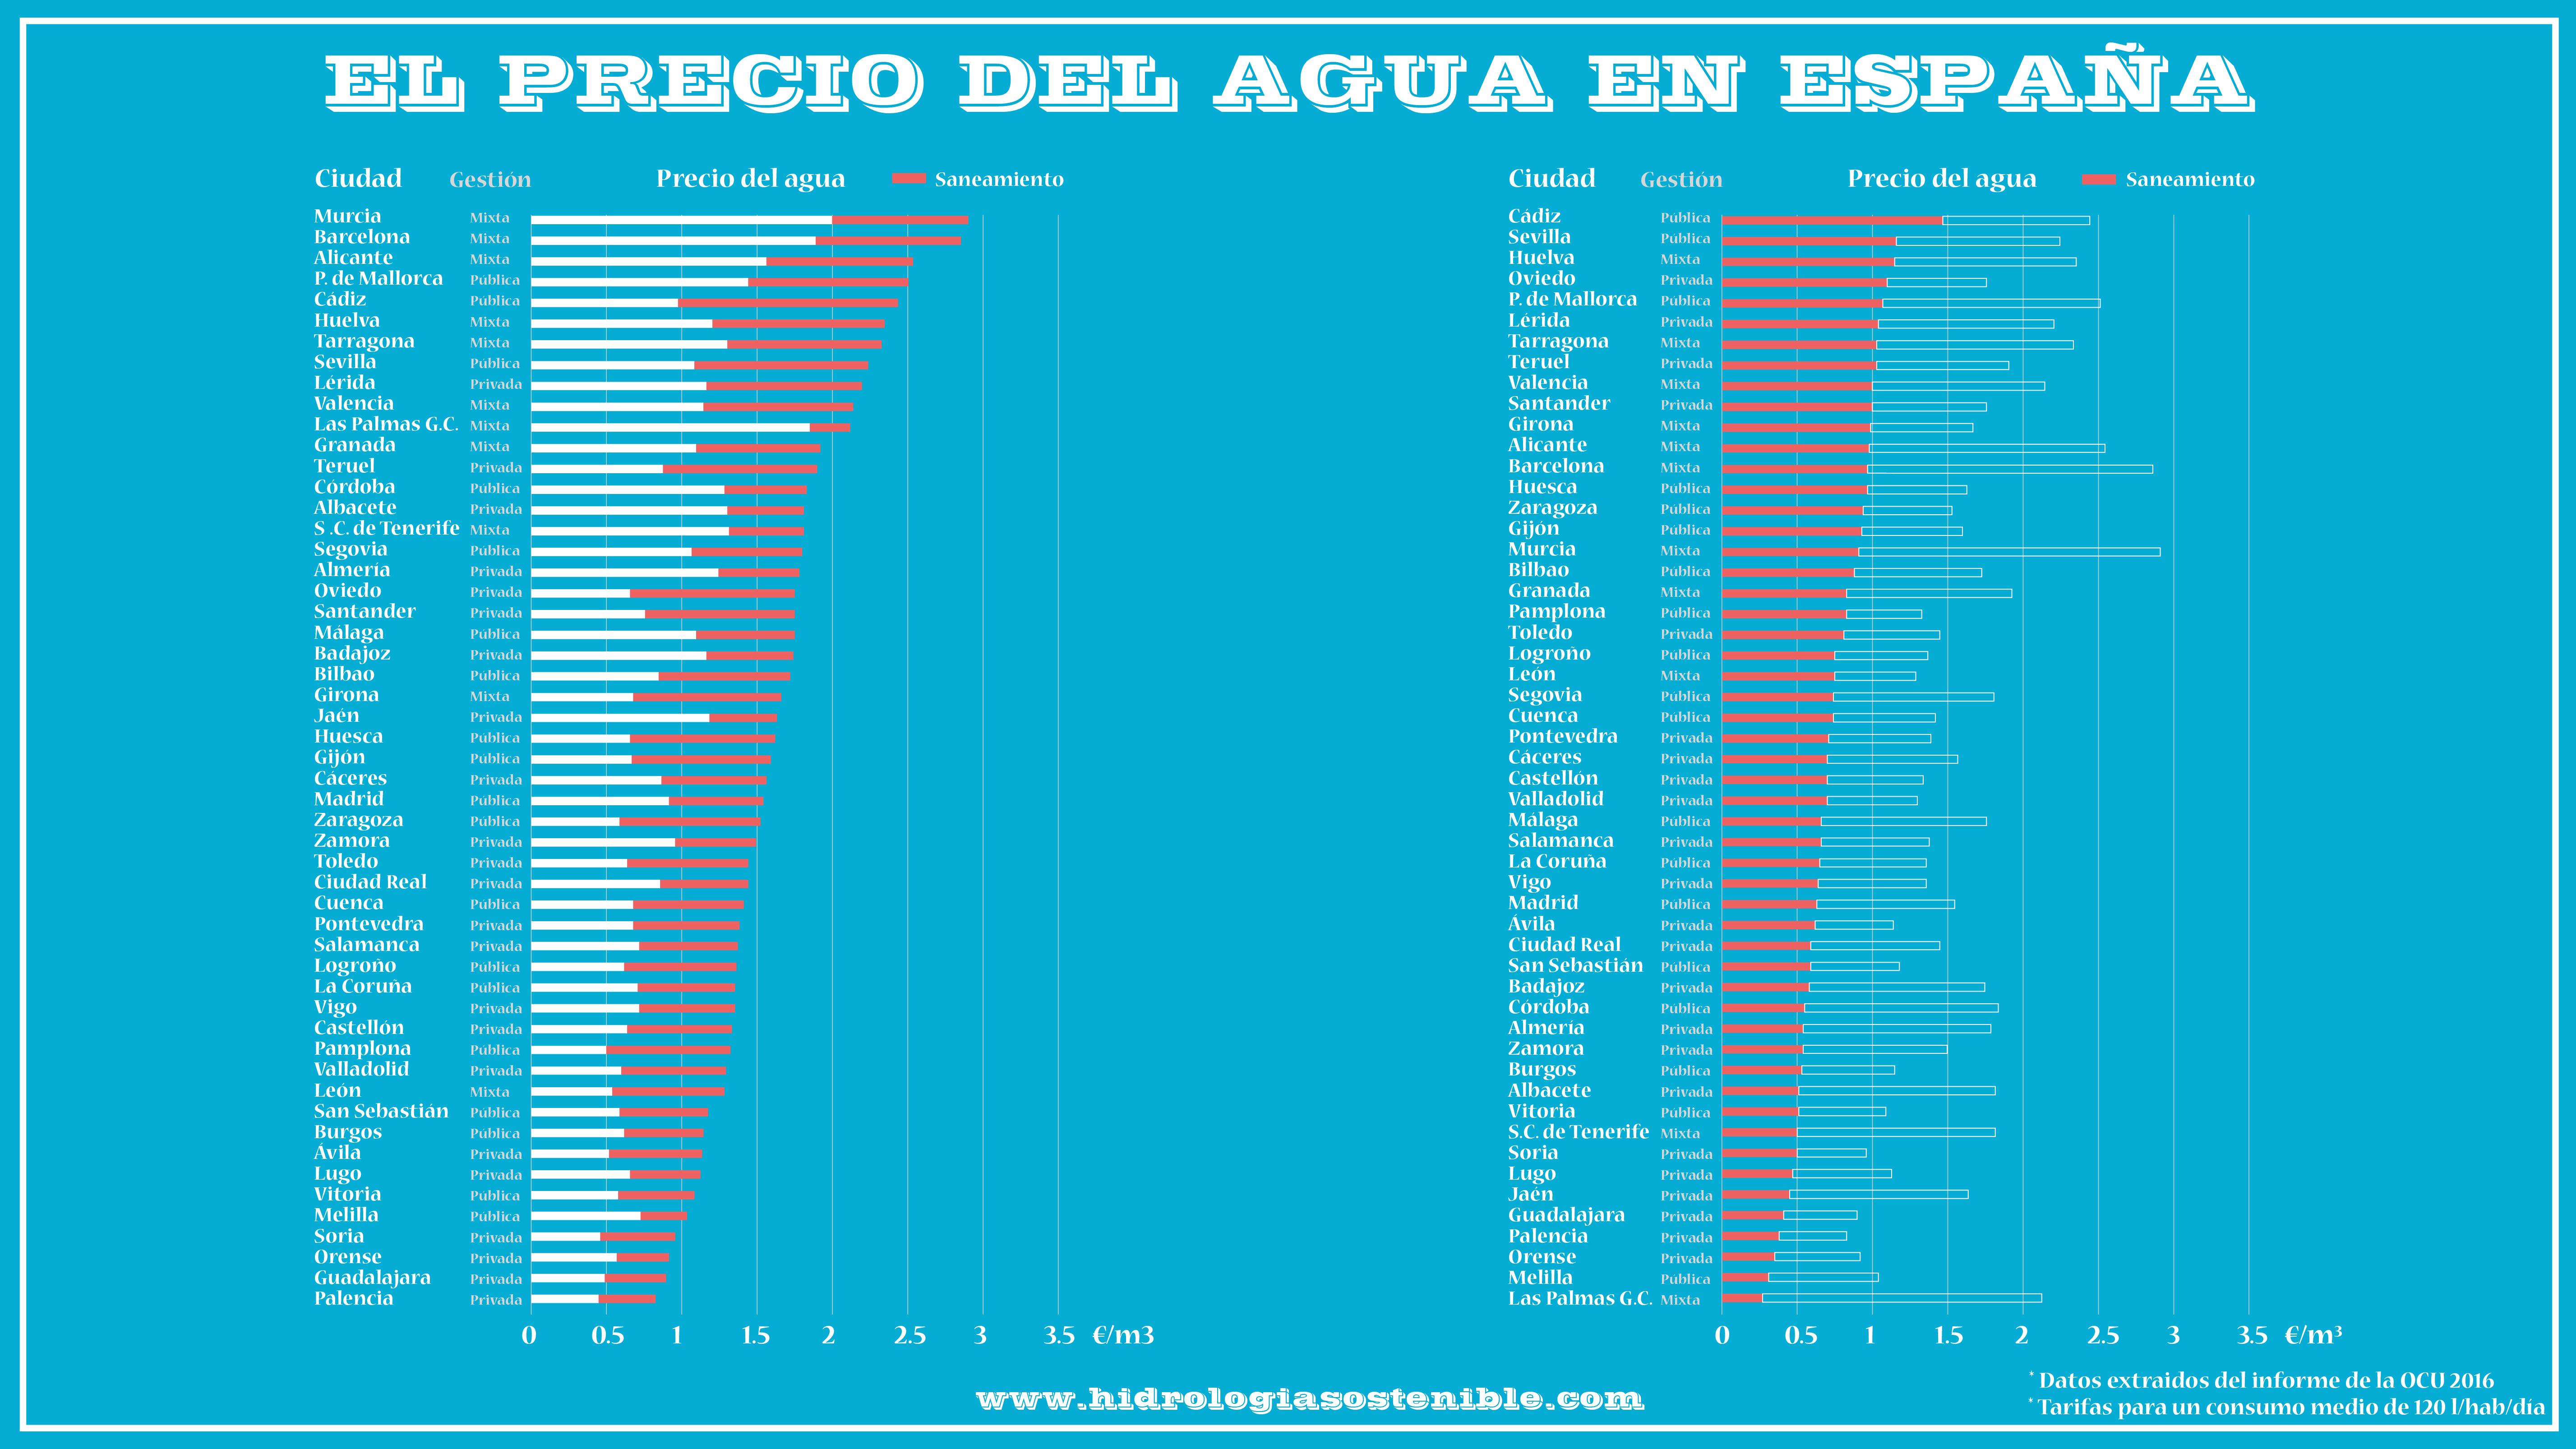 el precio del agua en las ciudades espa olas 2016